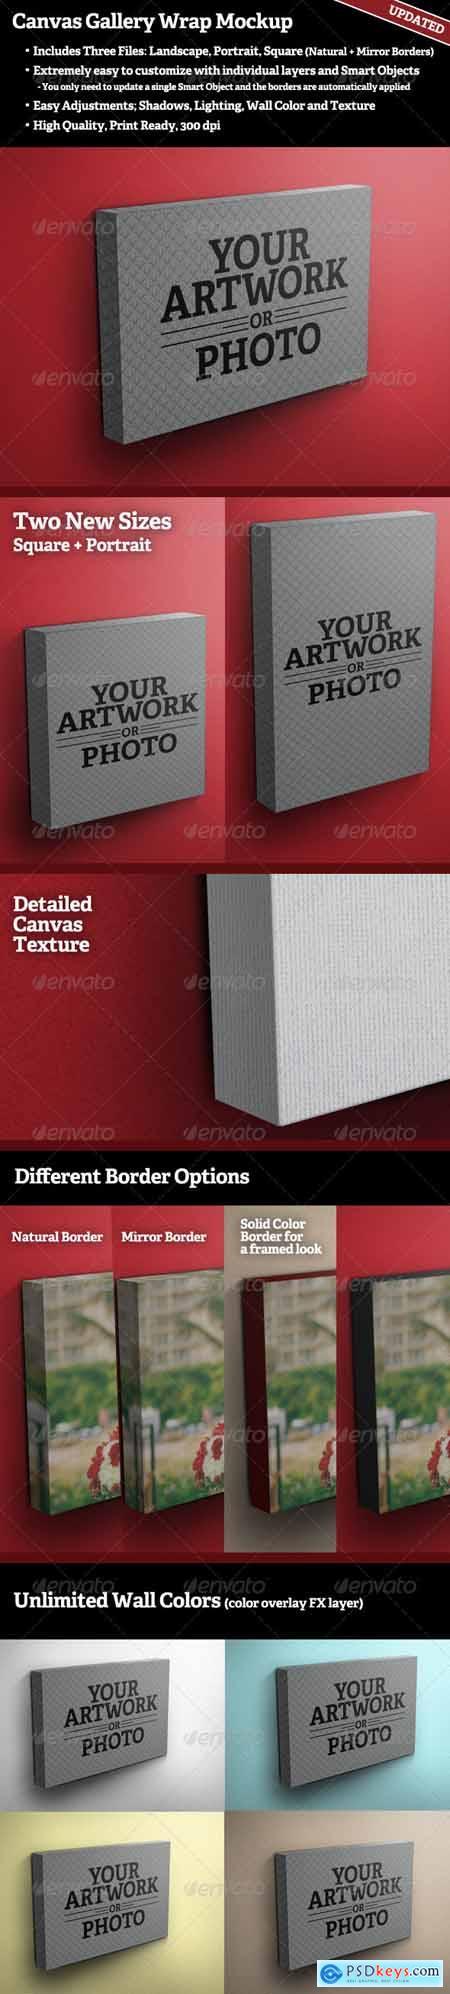 Canvas Gallery Wrap Mockup 350292